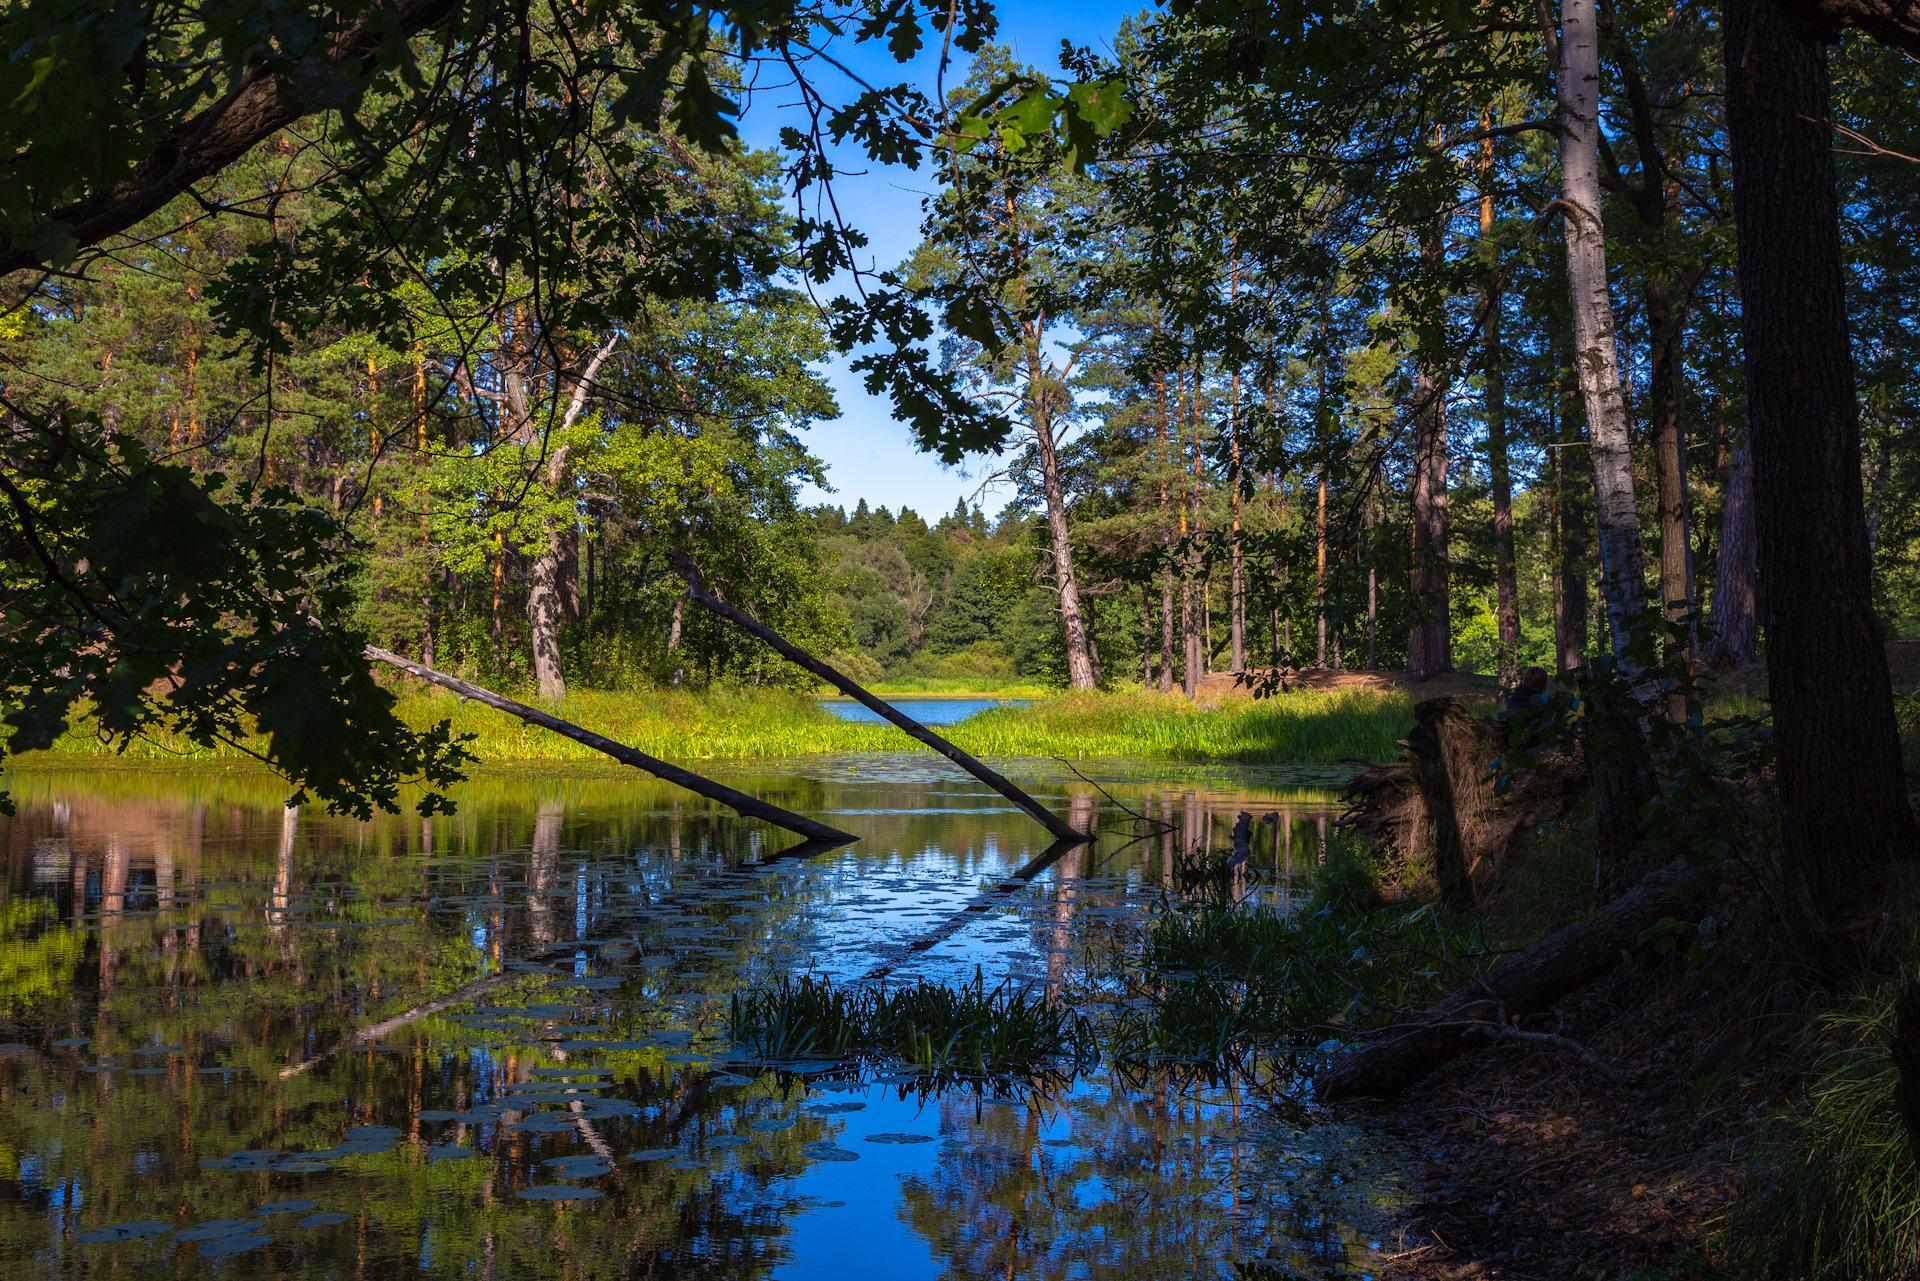 Фитнес легенда в озерках фото свободные